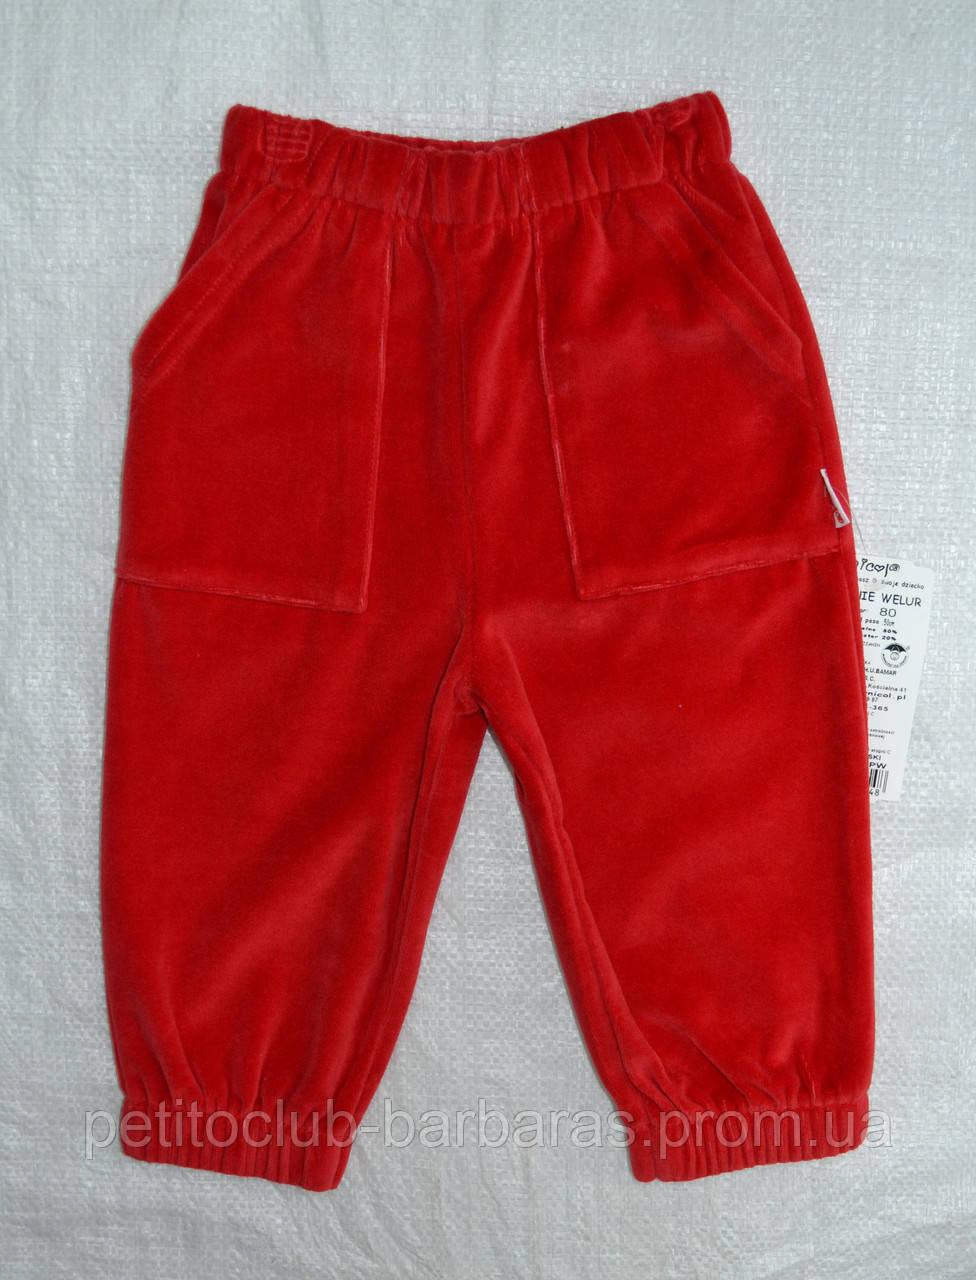 Детские велюровые штаны красные для мальчика р. 80-98 см  (Nicol, Польша)